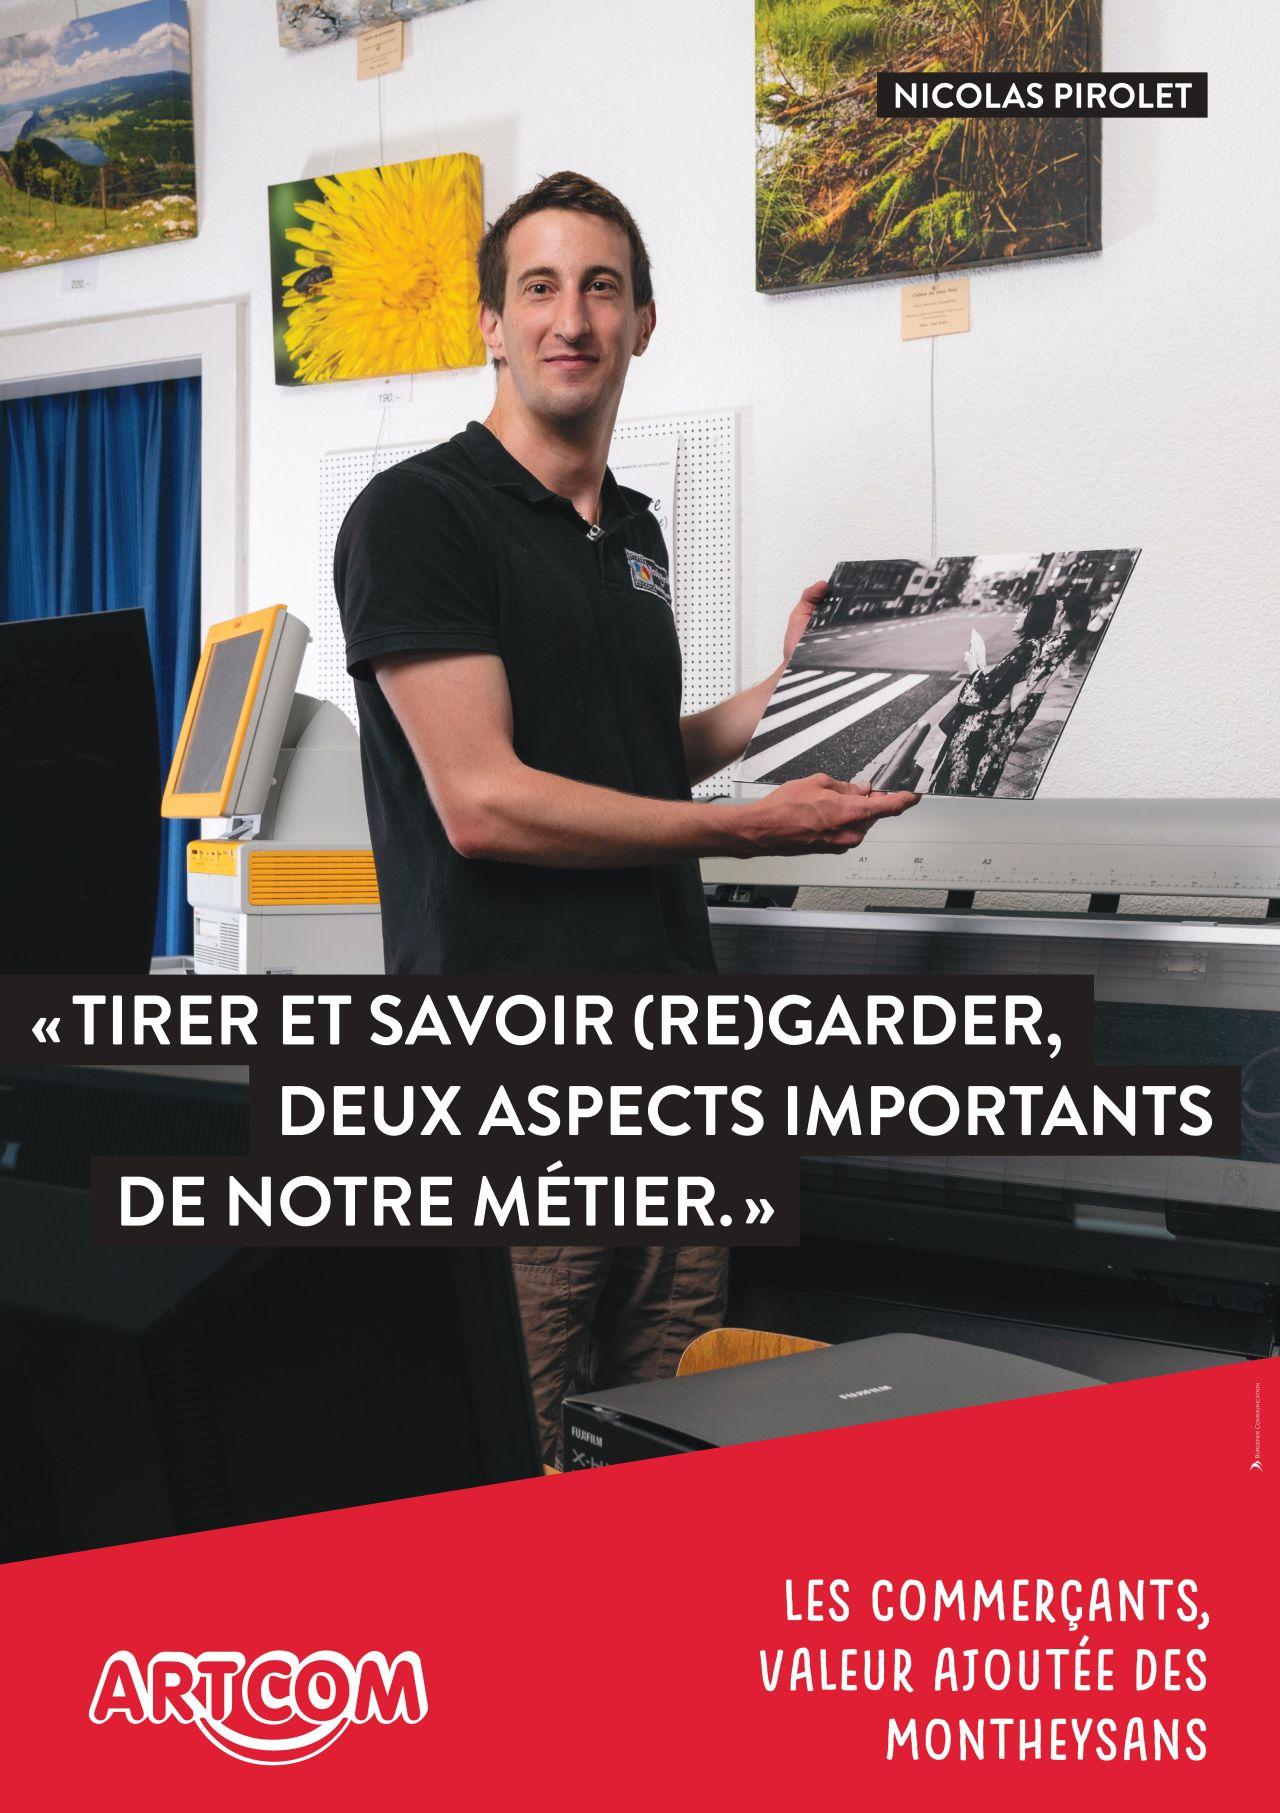 Affiche Nicolas Pirolet